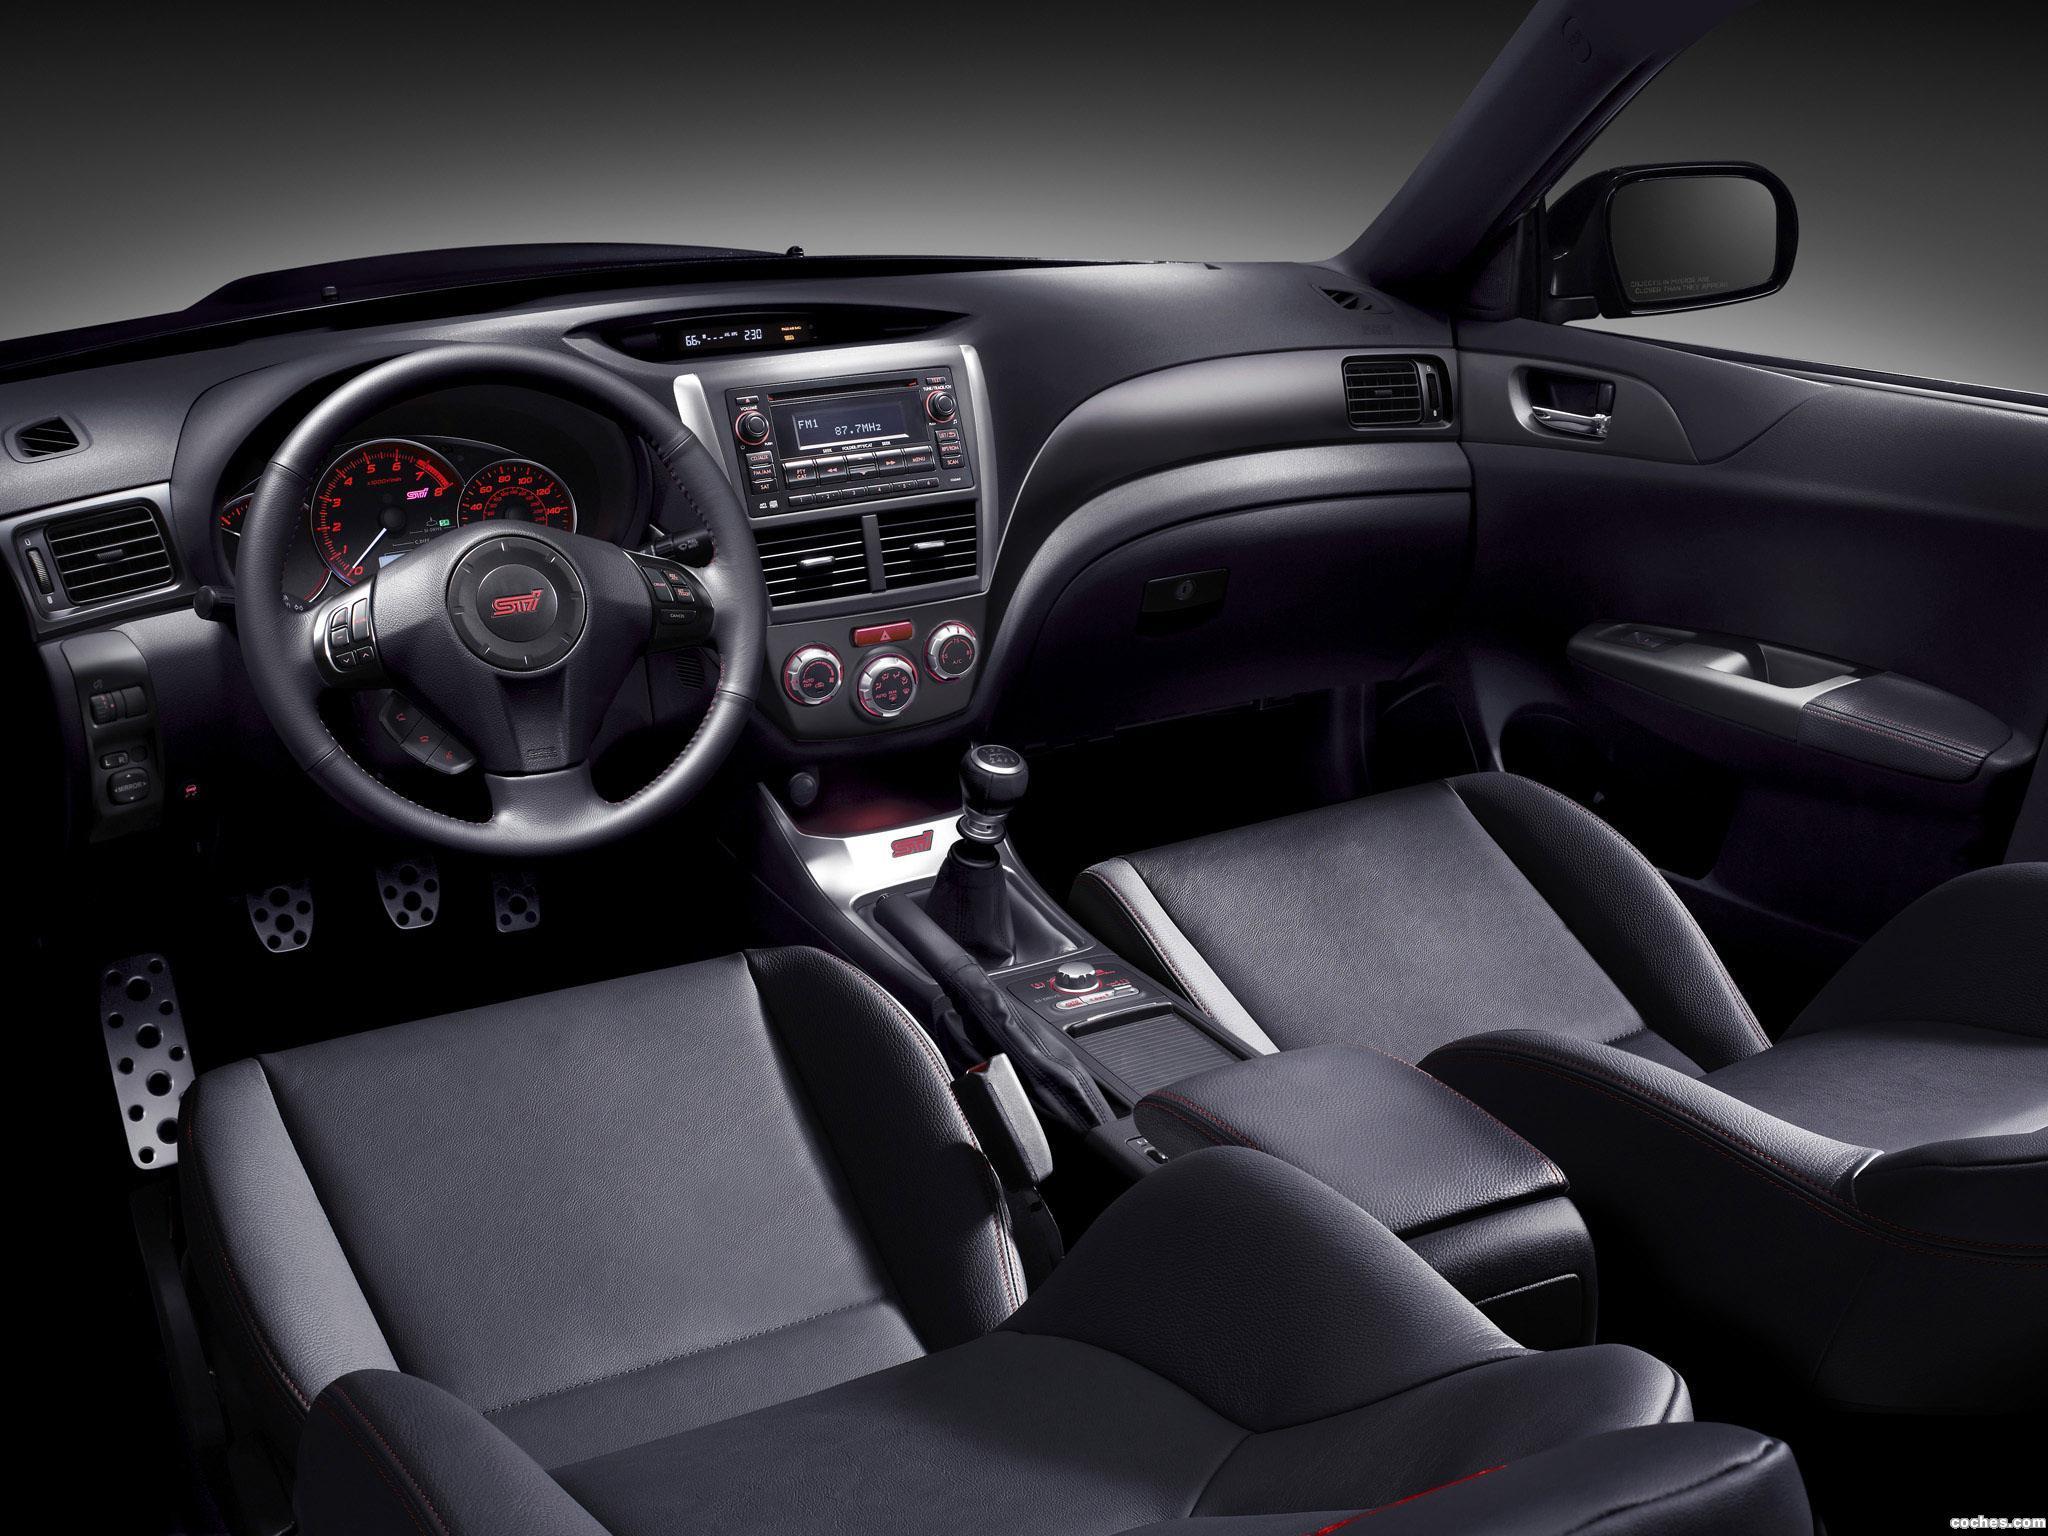 Foto 6 de Subaru Impreza WRX STi Sedan USA 2010